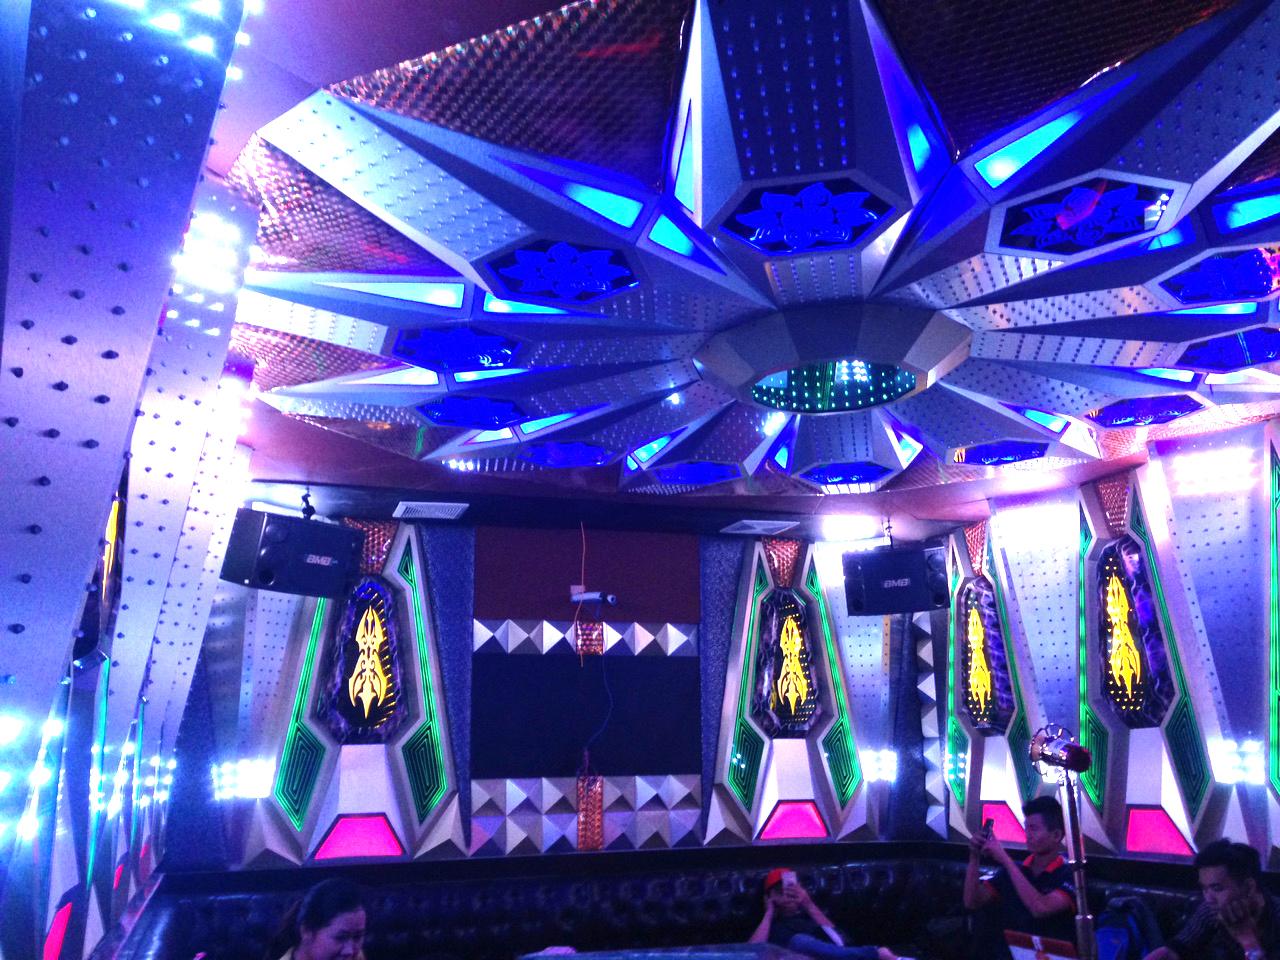 lap-dat-6-phong-hat-karaoke-tai-binh-dinh-h14